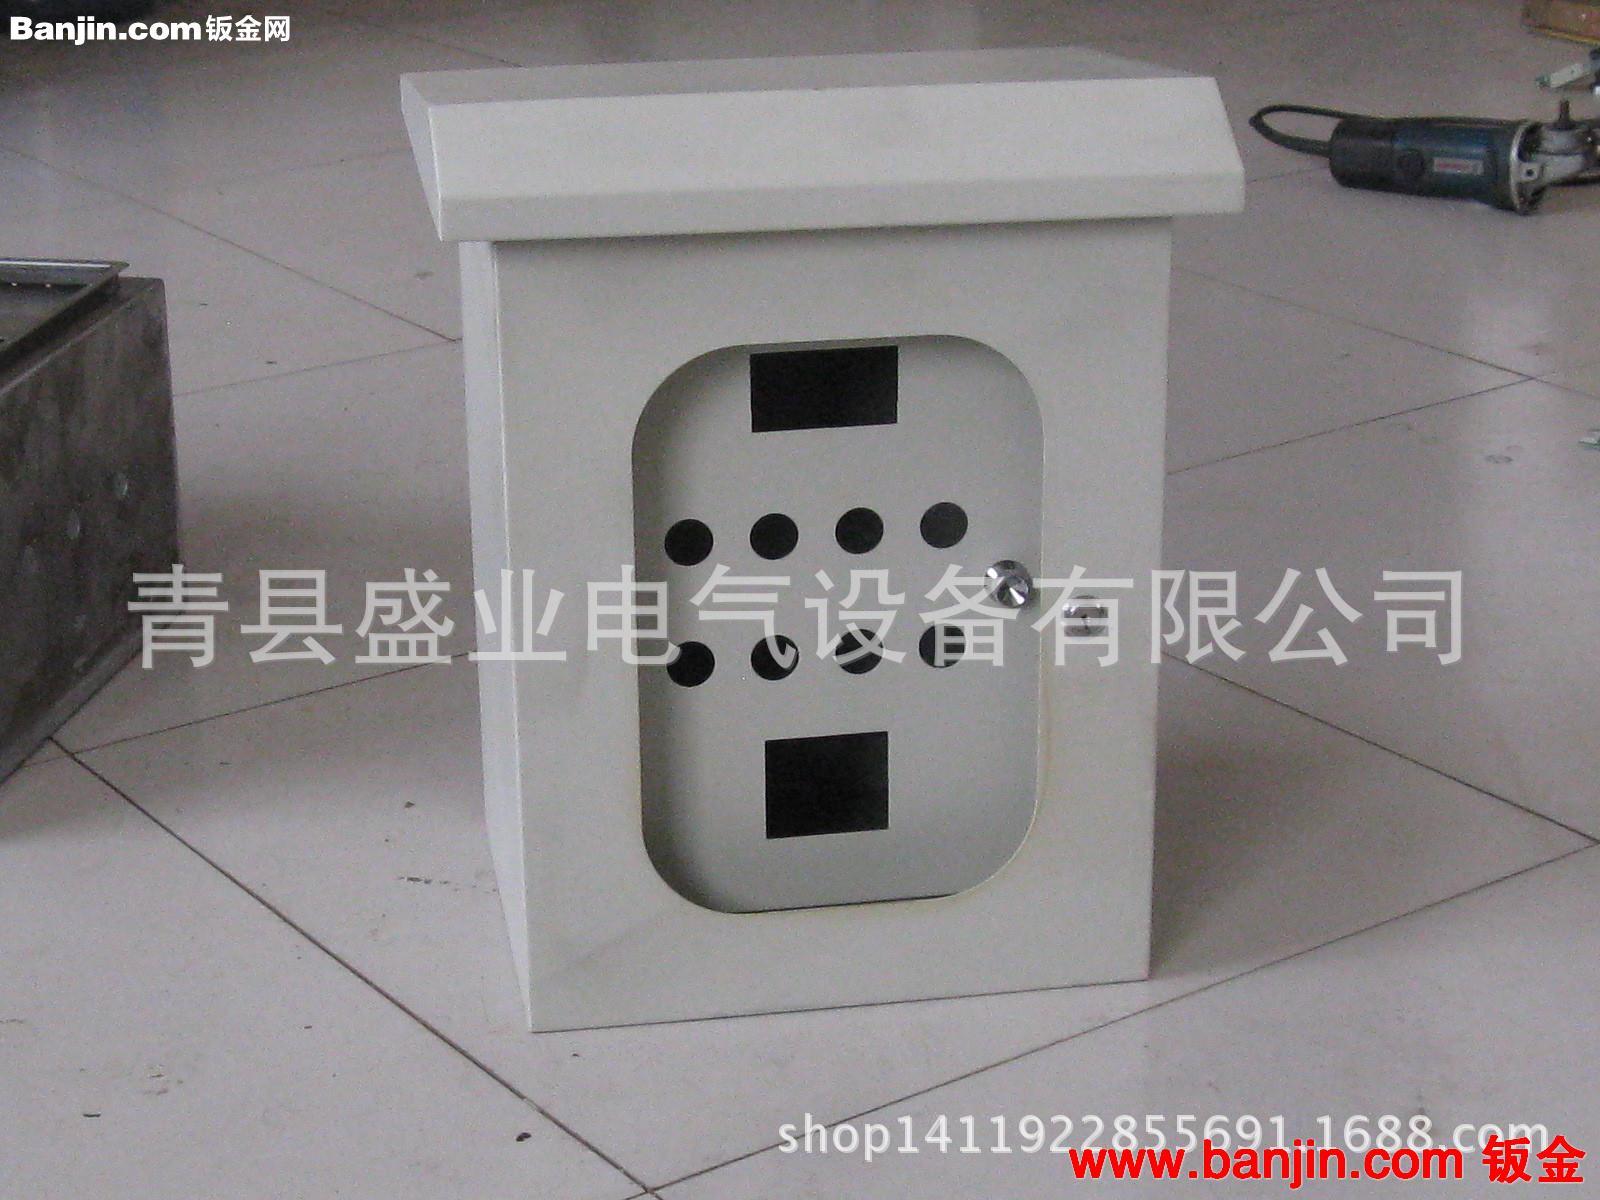 安装电路板或机箱的插框,需用工装模拟电路板或机箱进行装配,工装装入